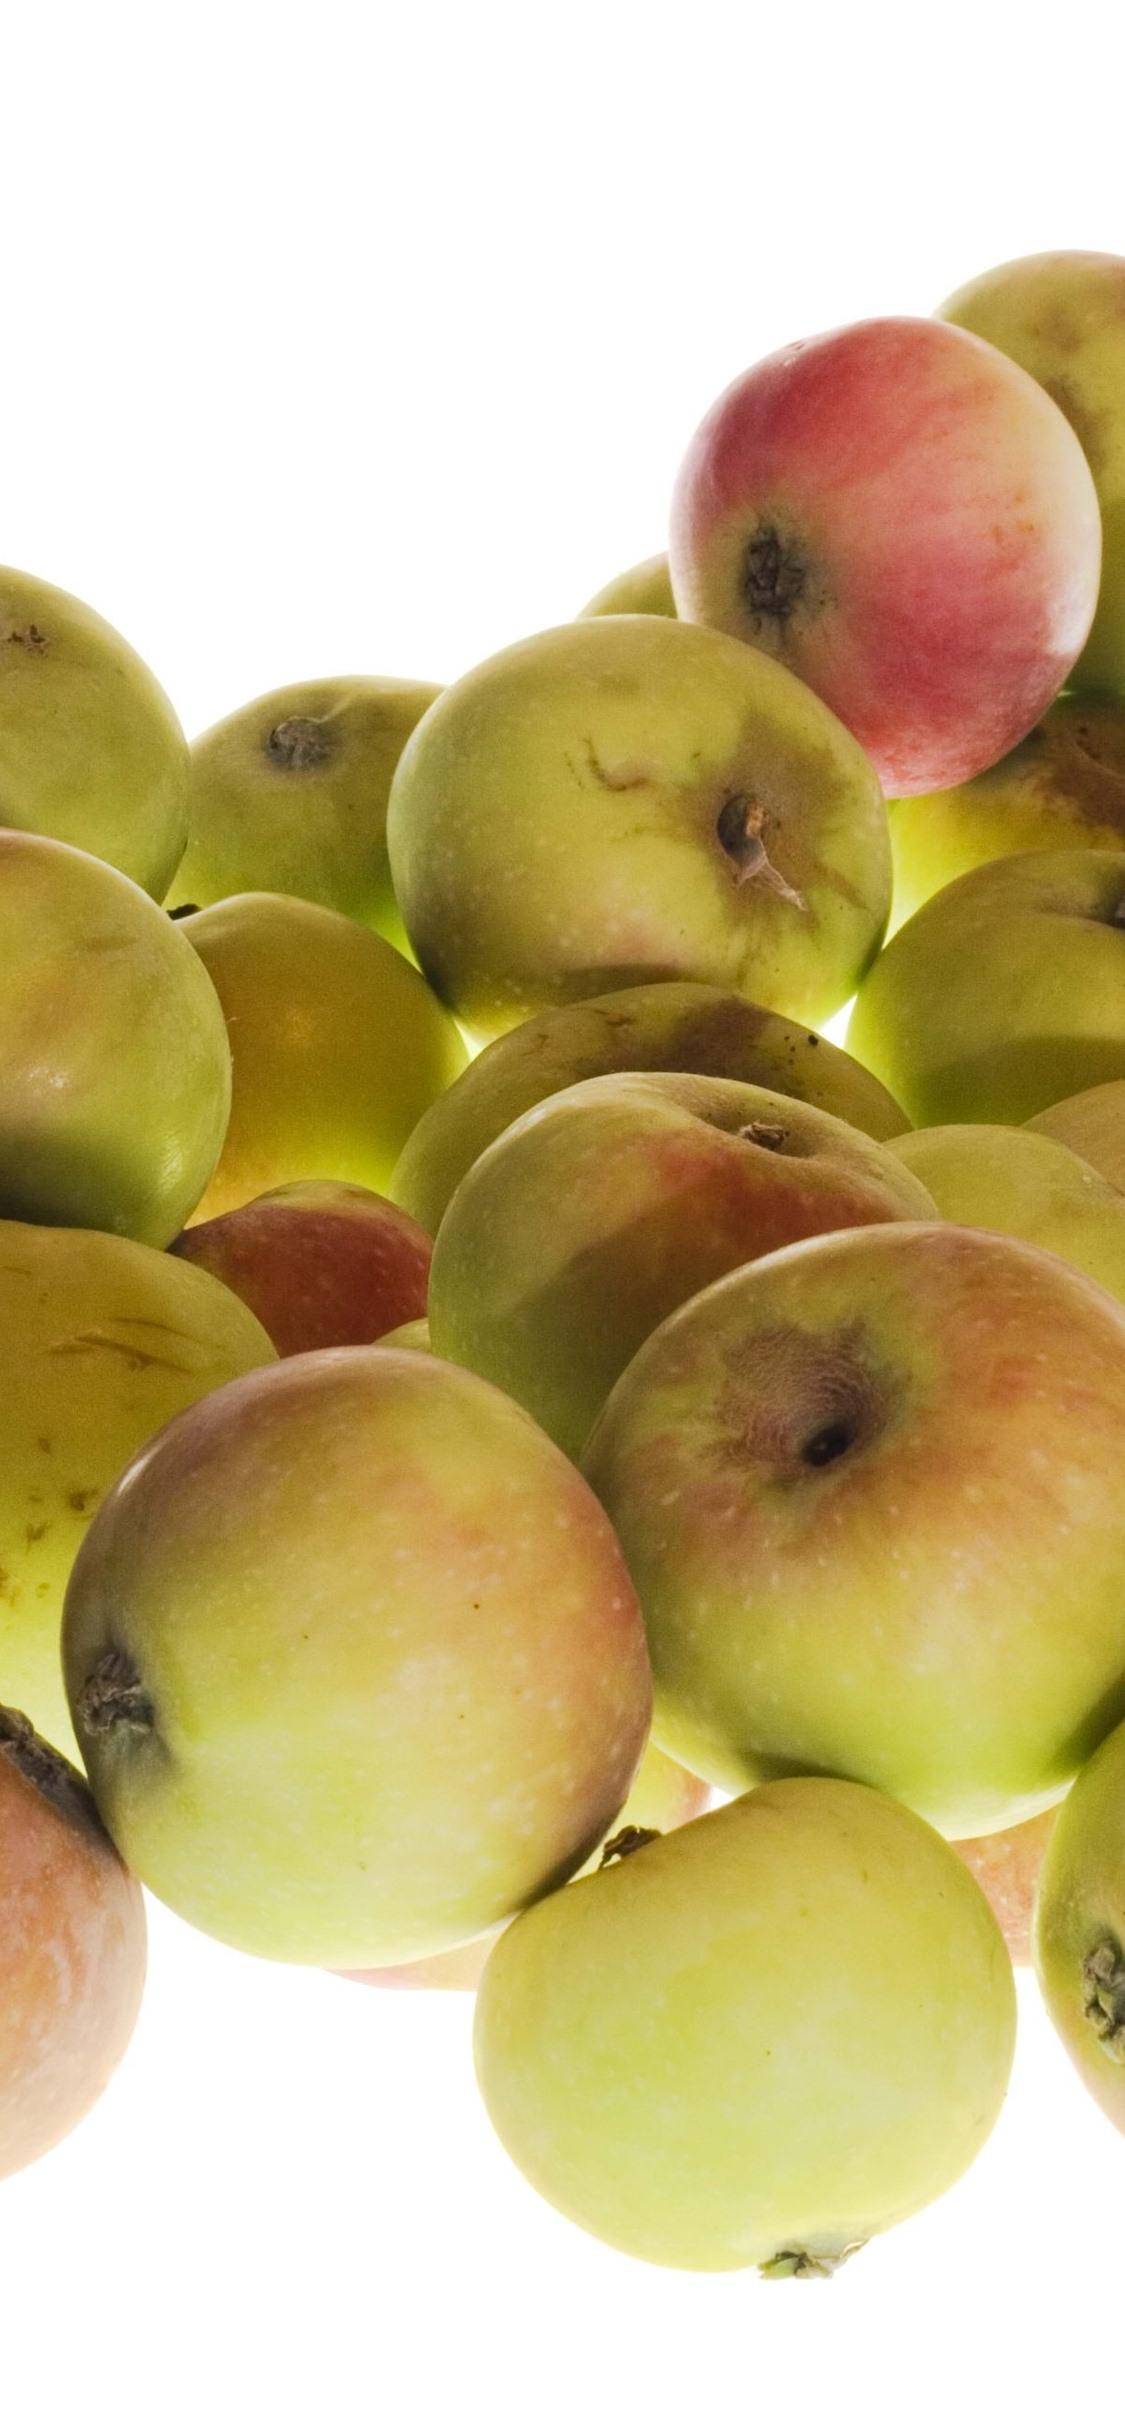 いくつかのリンゴ 白い背景 フルーツ 1125x2436 Iphone 11 Pro Xs X 壁紙 背景 画像